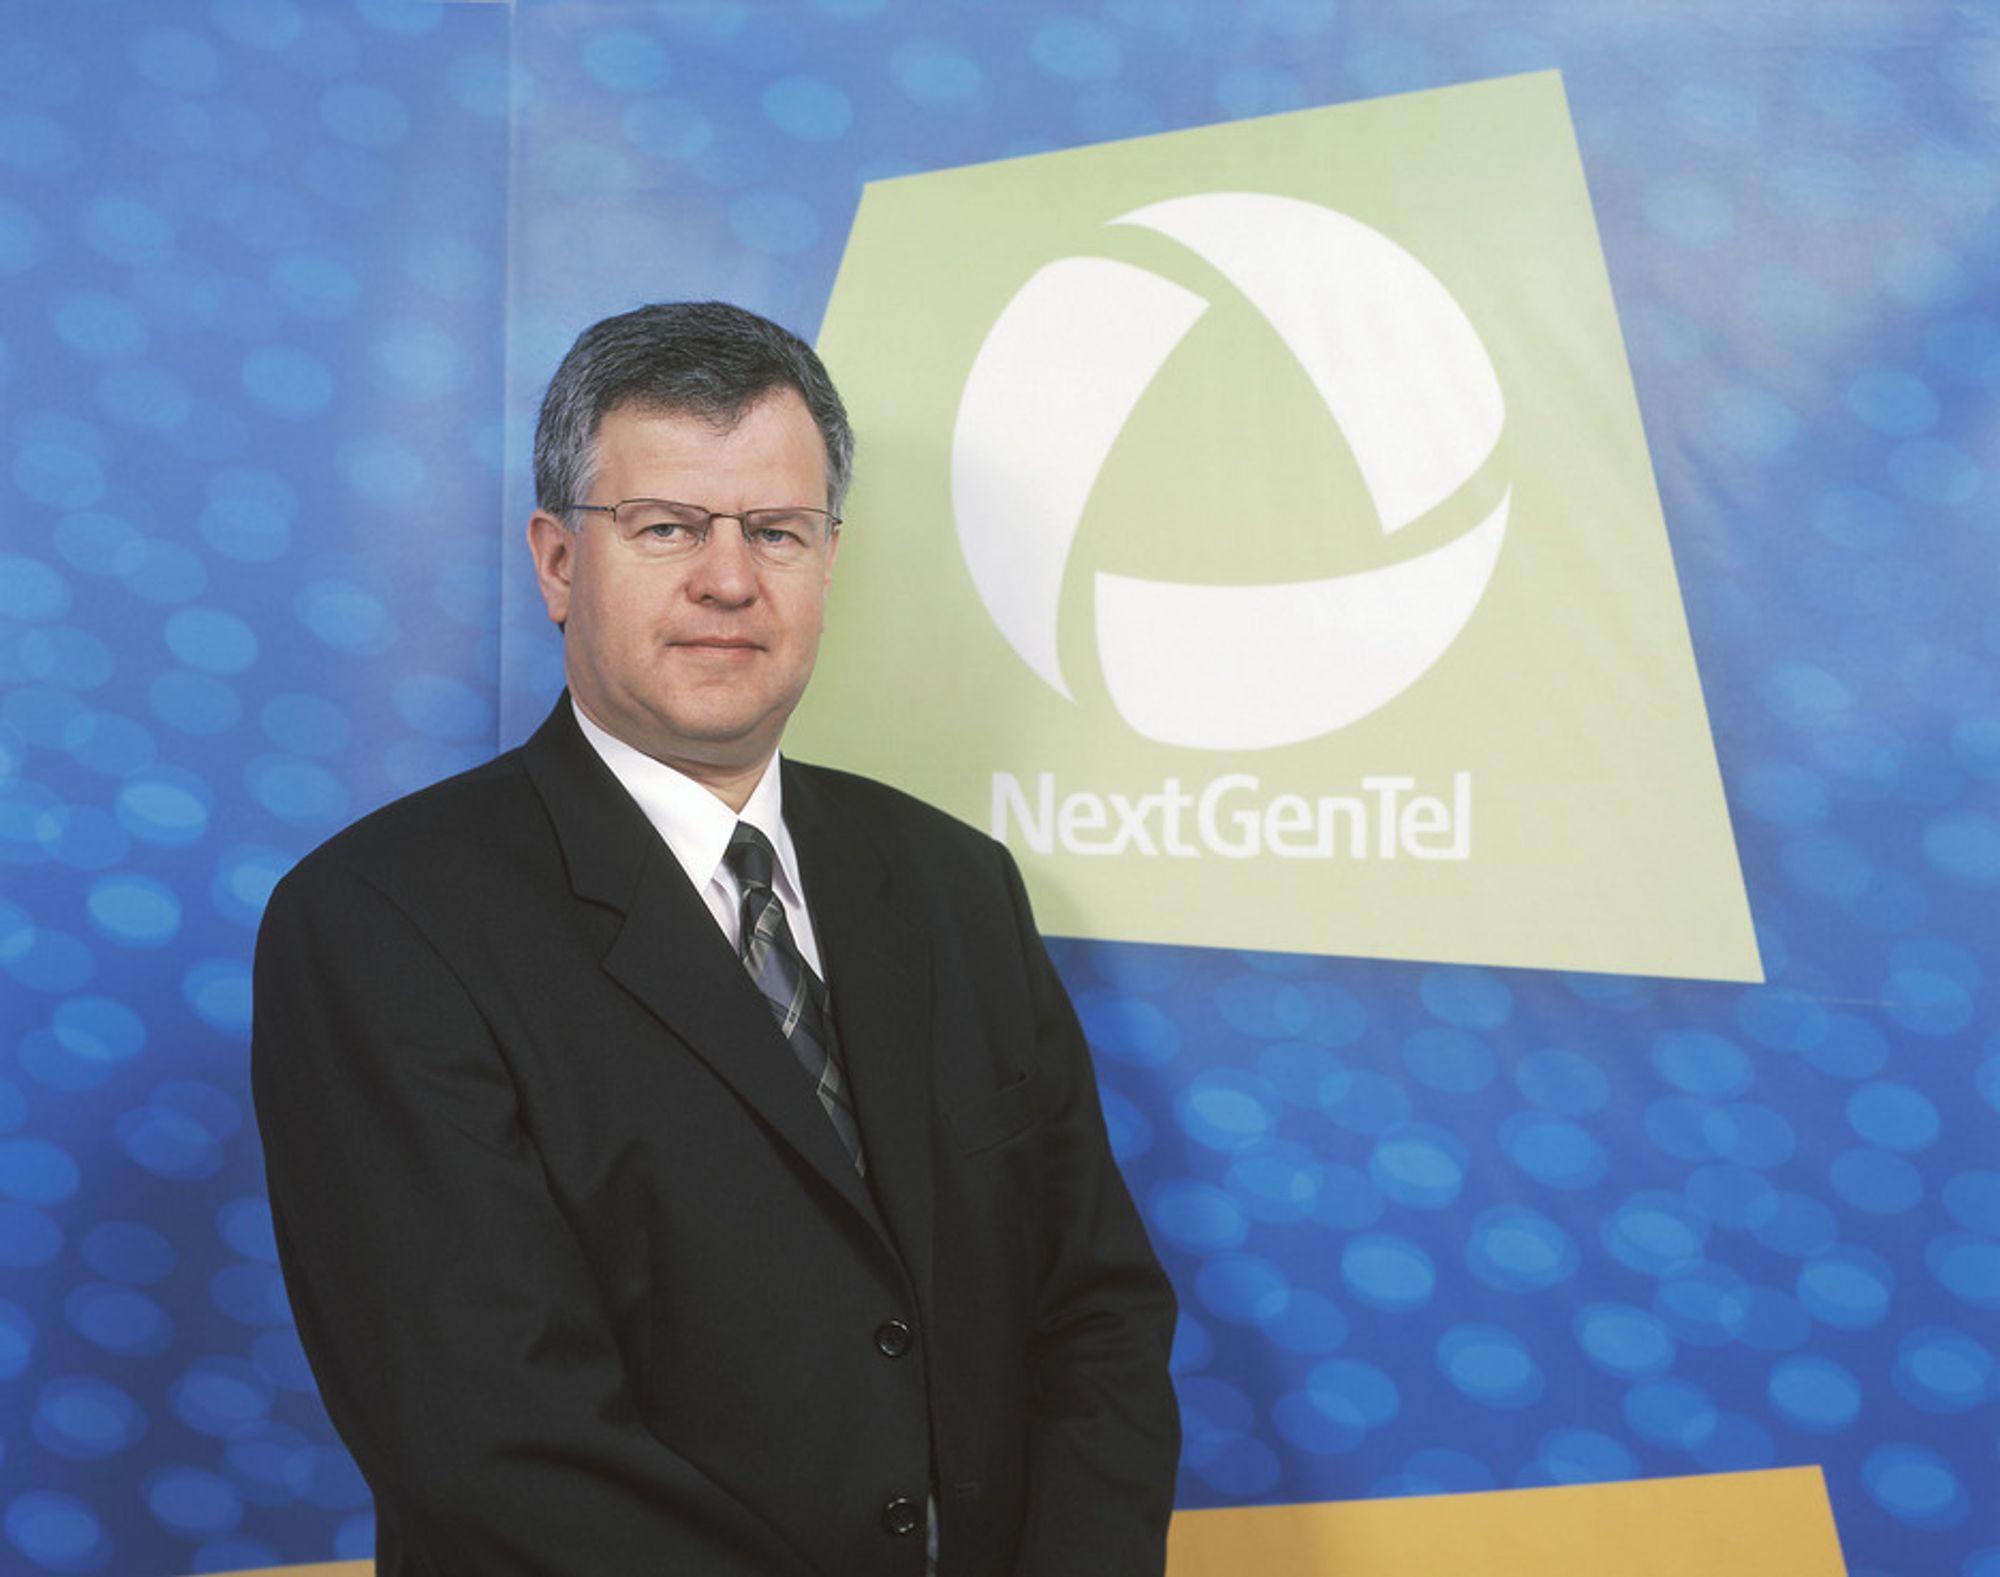 VOKSER: Vekst gjennom oppkjøp inngår som en strategisk del av NextGenTels forretningsutvikling, ifølge adm. direktør Olav Stokke.